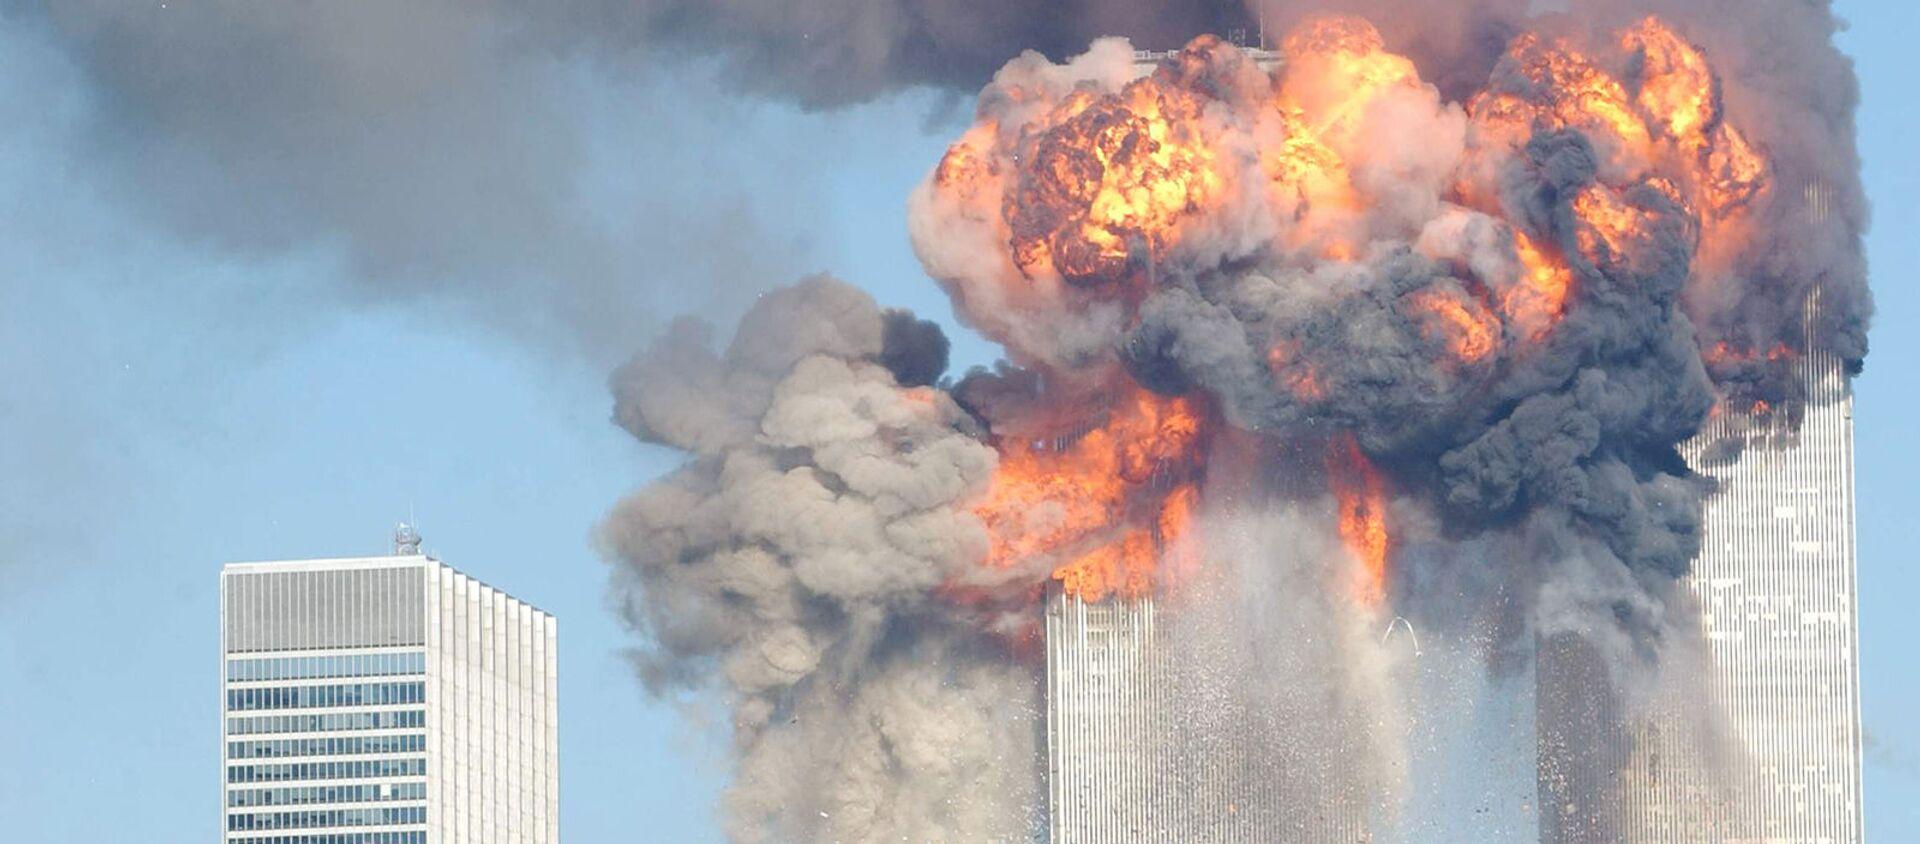 Взрыв Всемирного торгового центра после удара самолетов 11 сентября 2001 года - Sputnik Армения, 1920, 11.09.2019